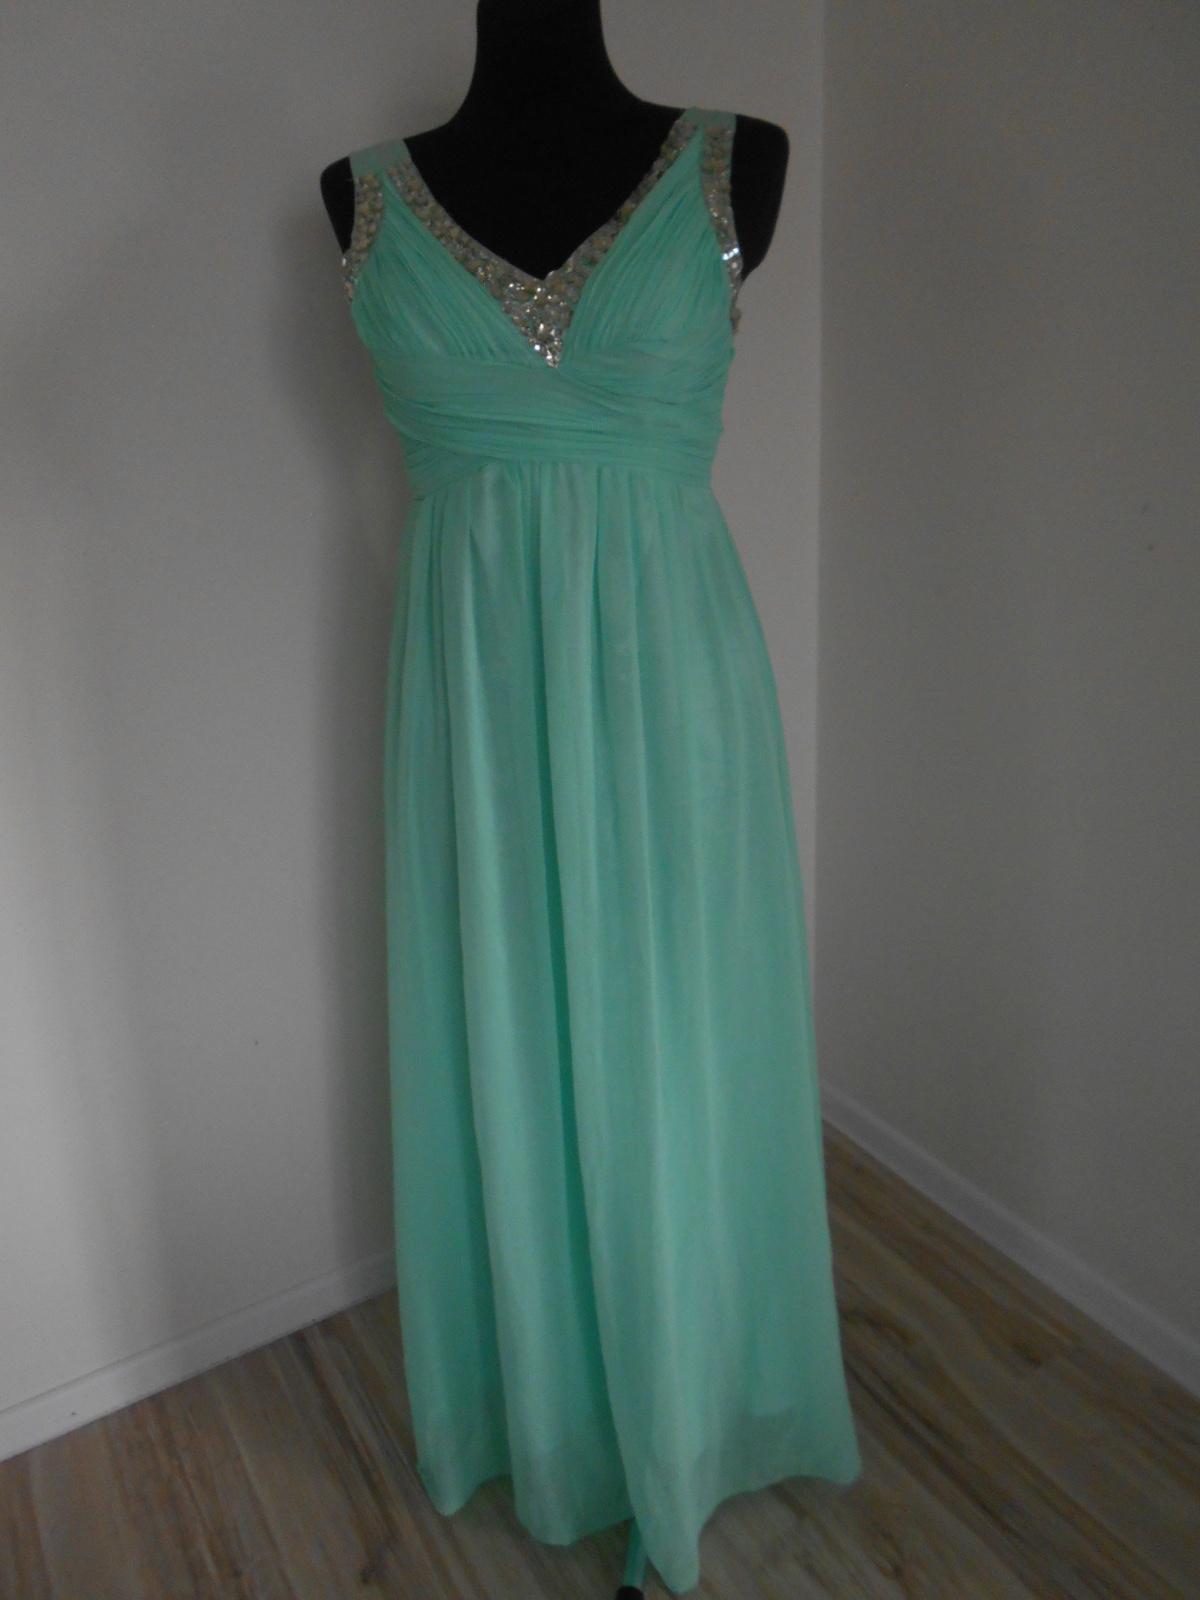 kouzelné šaty - Obrázek č. 1